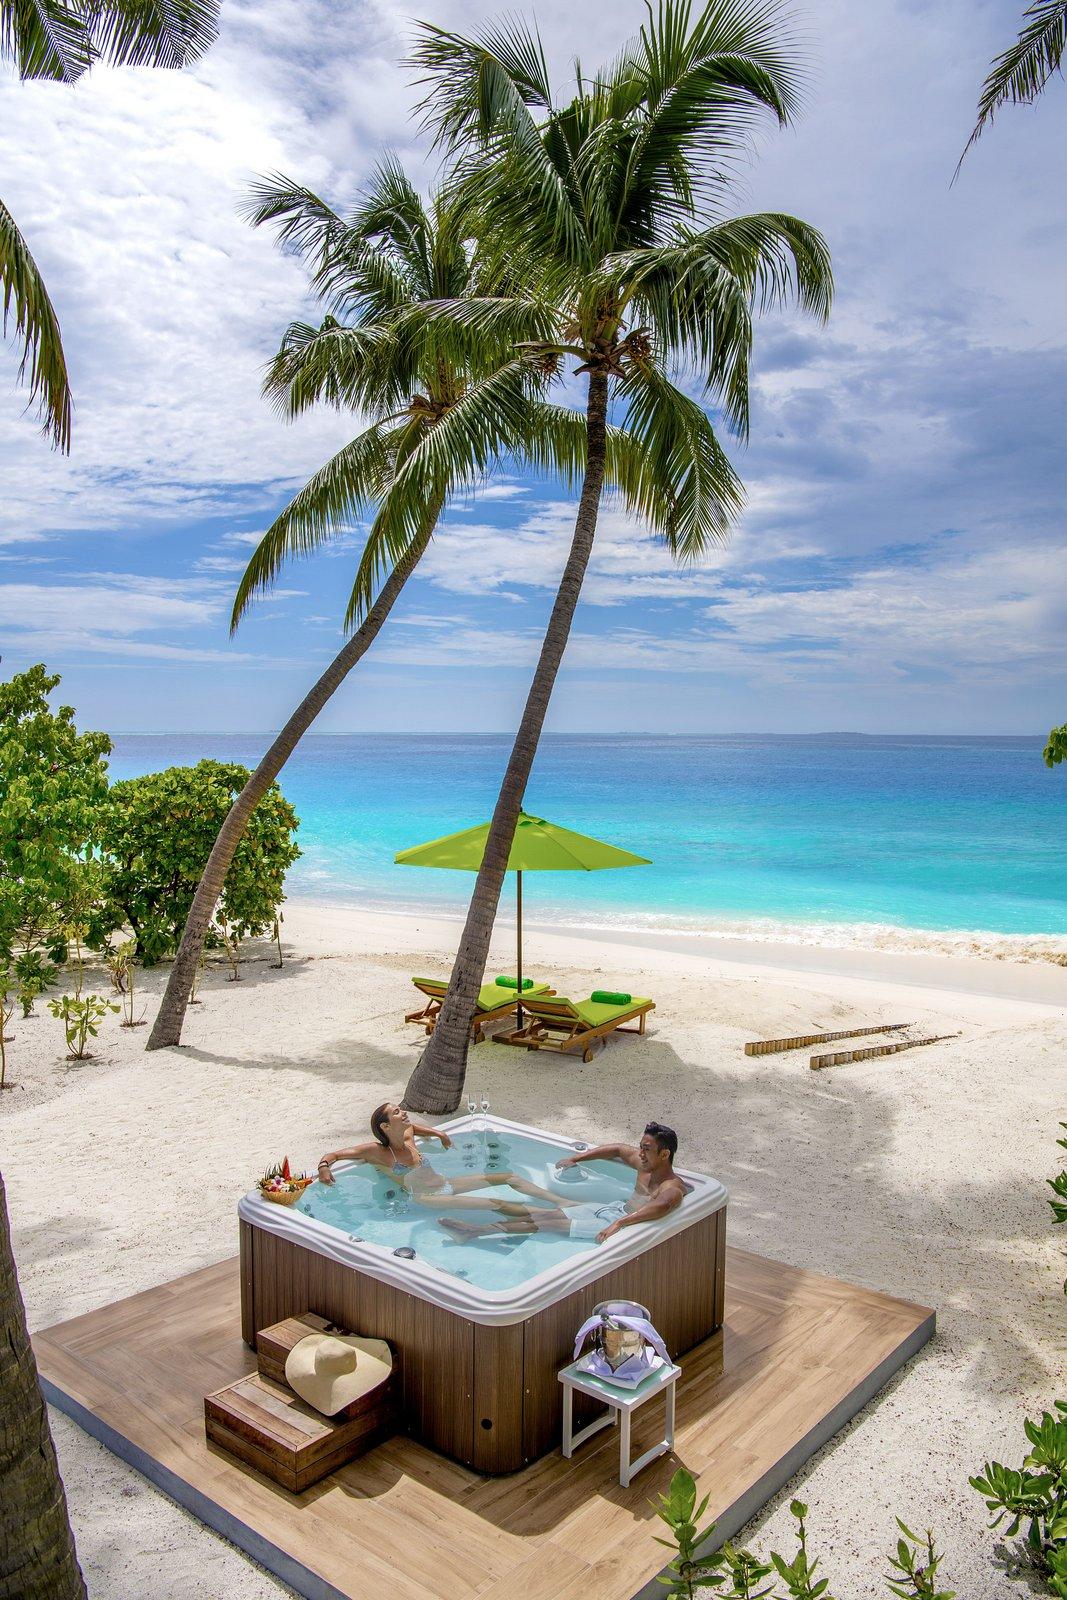 Мальдивы, отель Emerald Maldives Resort & Spa, номер Jacuzzi Beach Villa